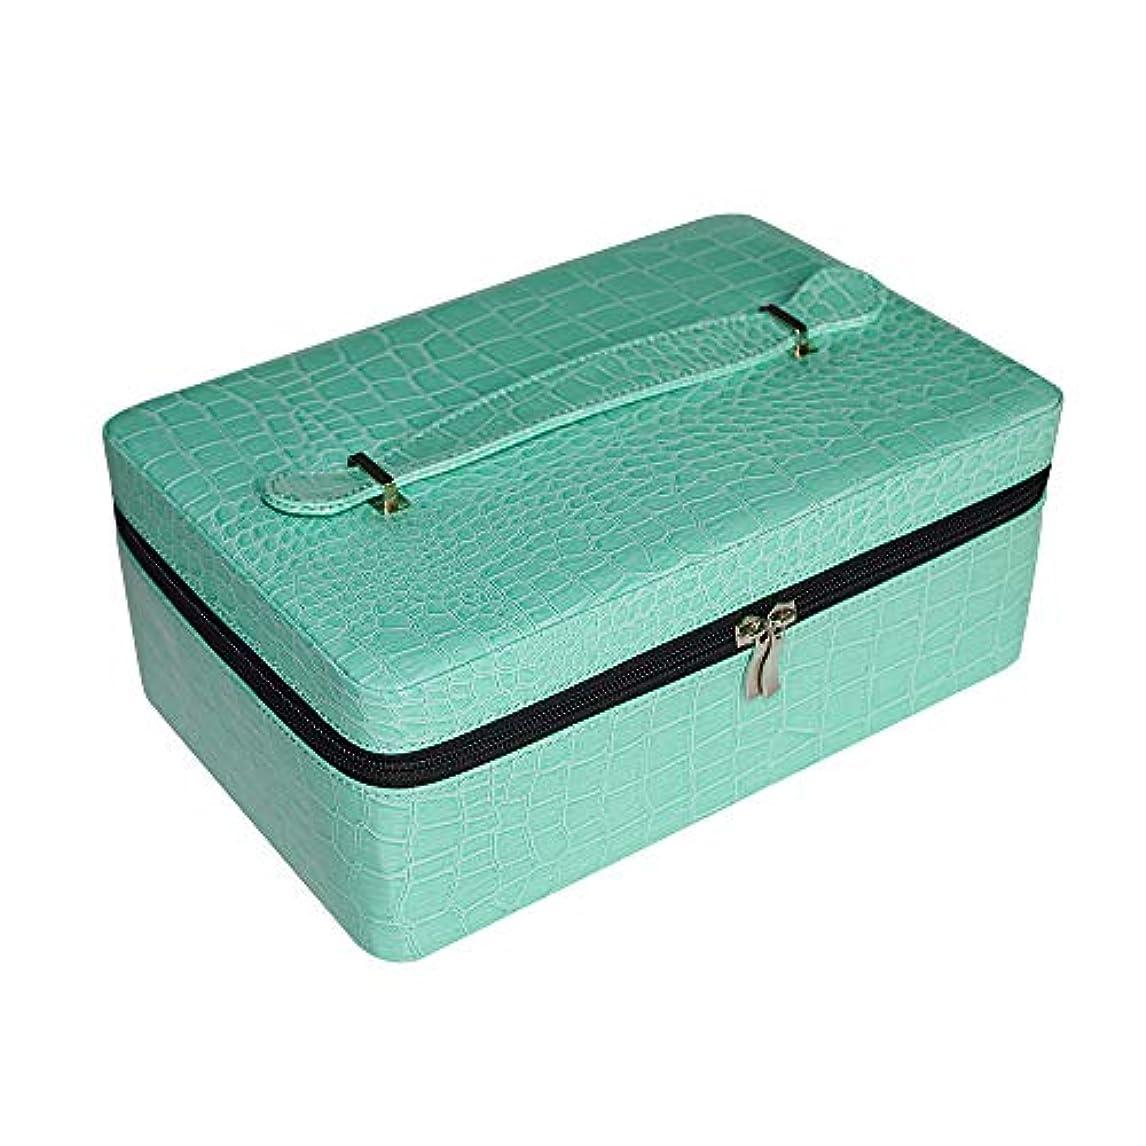 滴下打ち上げる完璧なDecdeal エッセンシャルオイル収納ボックス エッセンシャルオイルキャリングケース 精油ケース 40本用 大容量 15ml ポータブルホルダーケースボックス